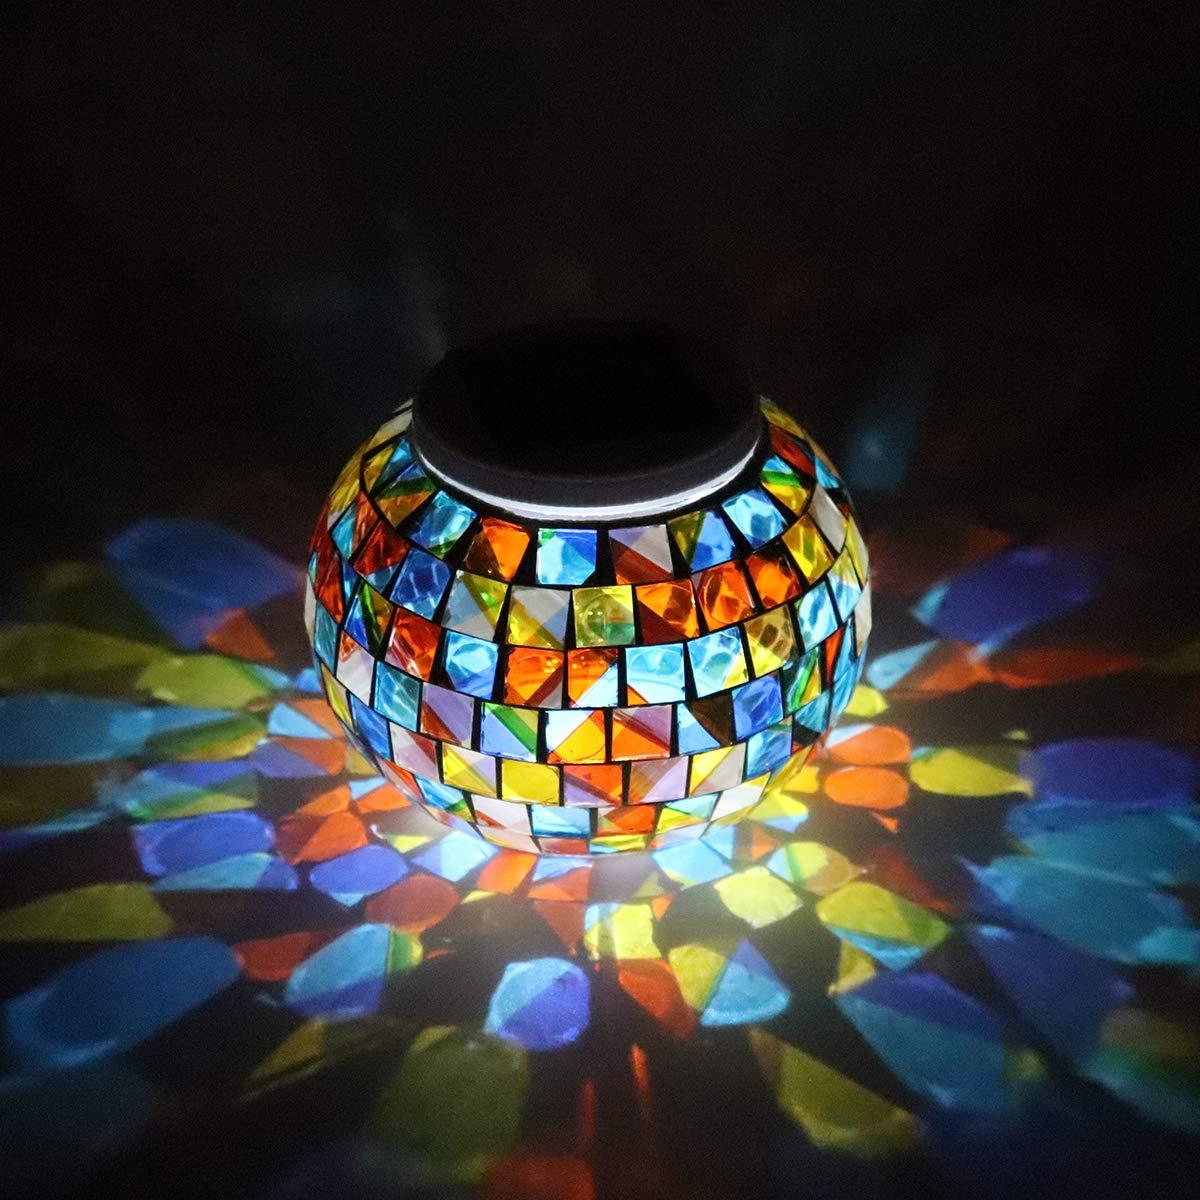 Welltop Luces solares de mosaico, bolas de cristal impermeables para jardín, luces que cambian de color, luces de noche, tarro de cristal, luces solares para patio, jardín: Amazon.es: Iluminación